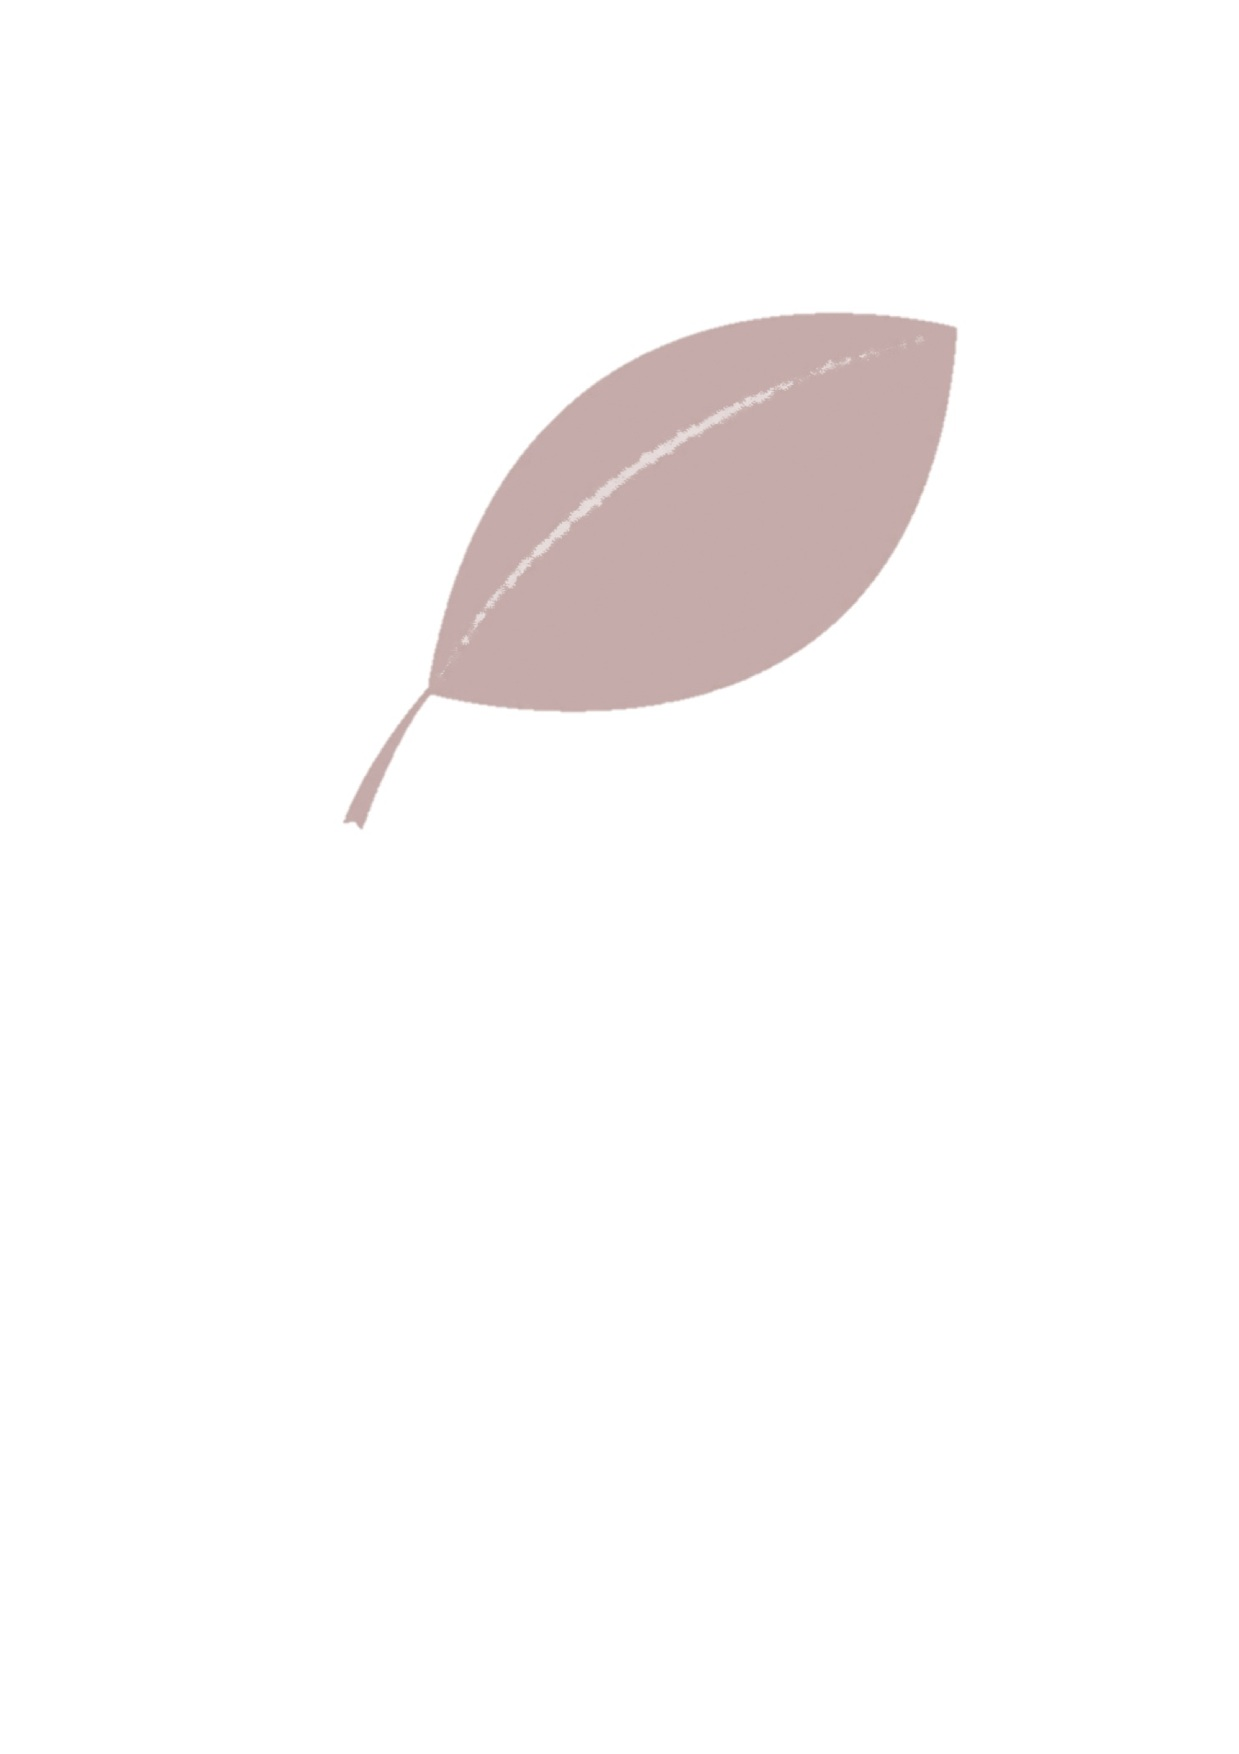 はっぱ ピンク のコピー